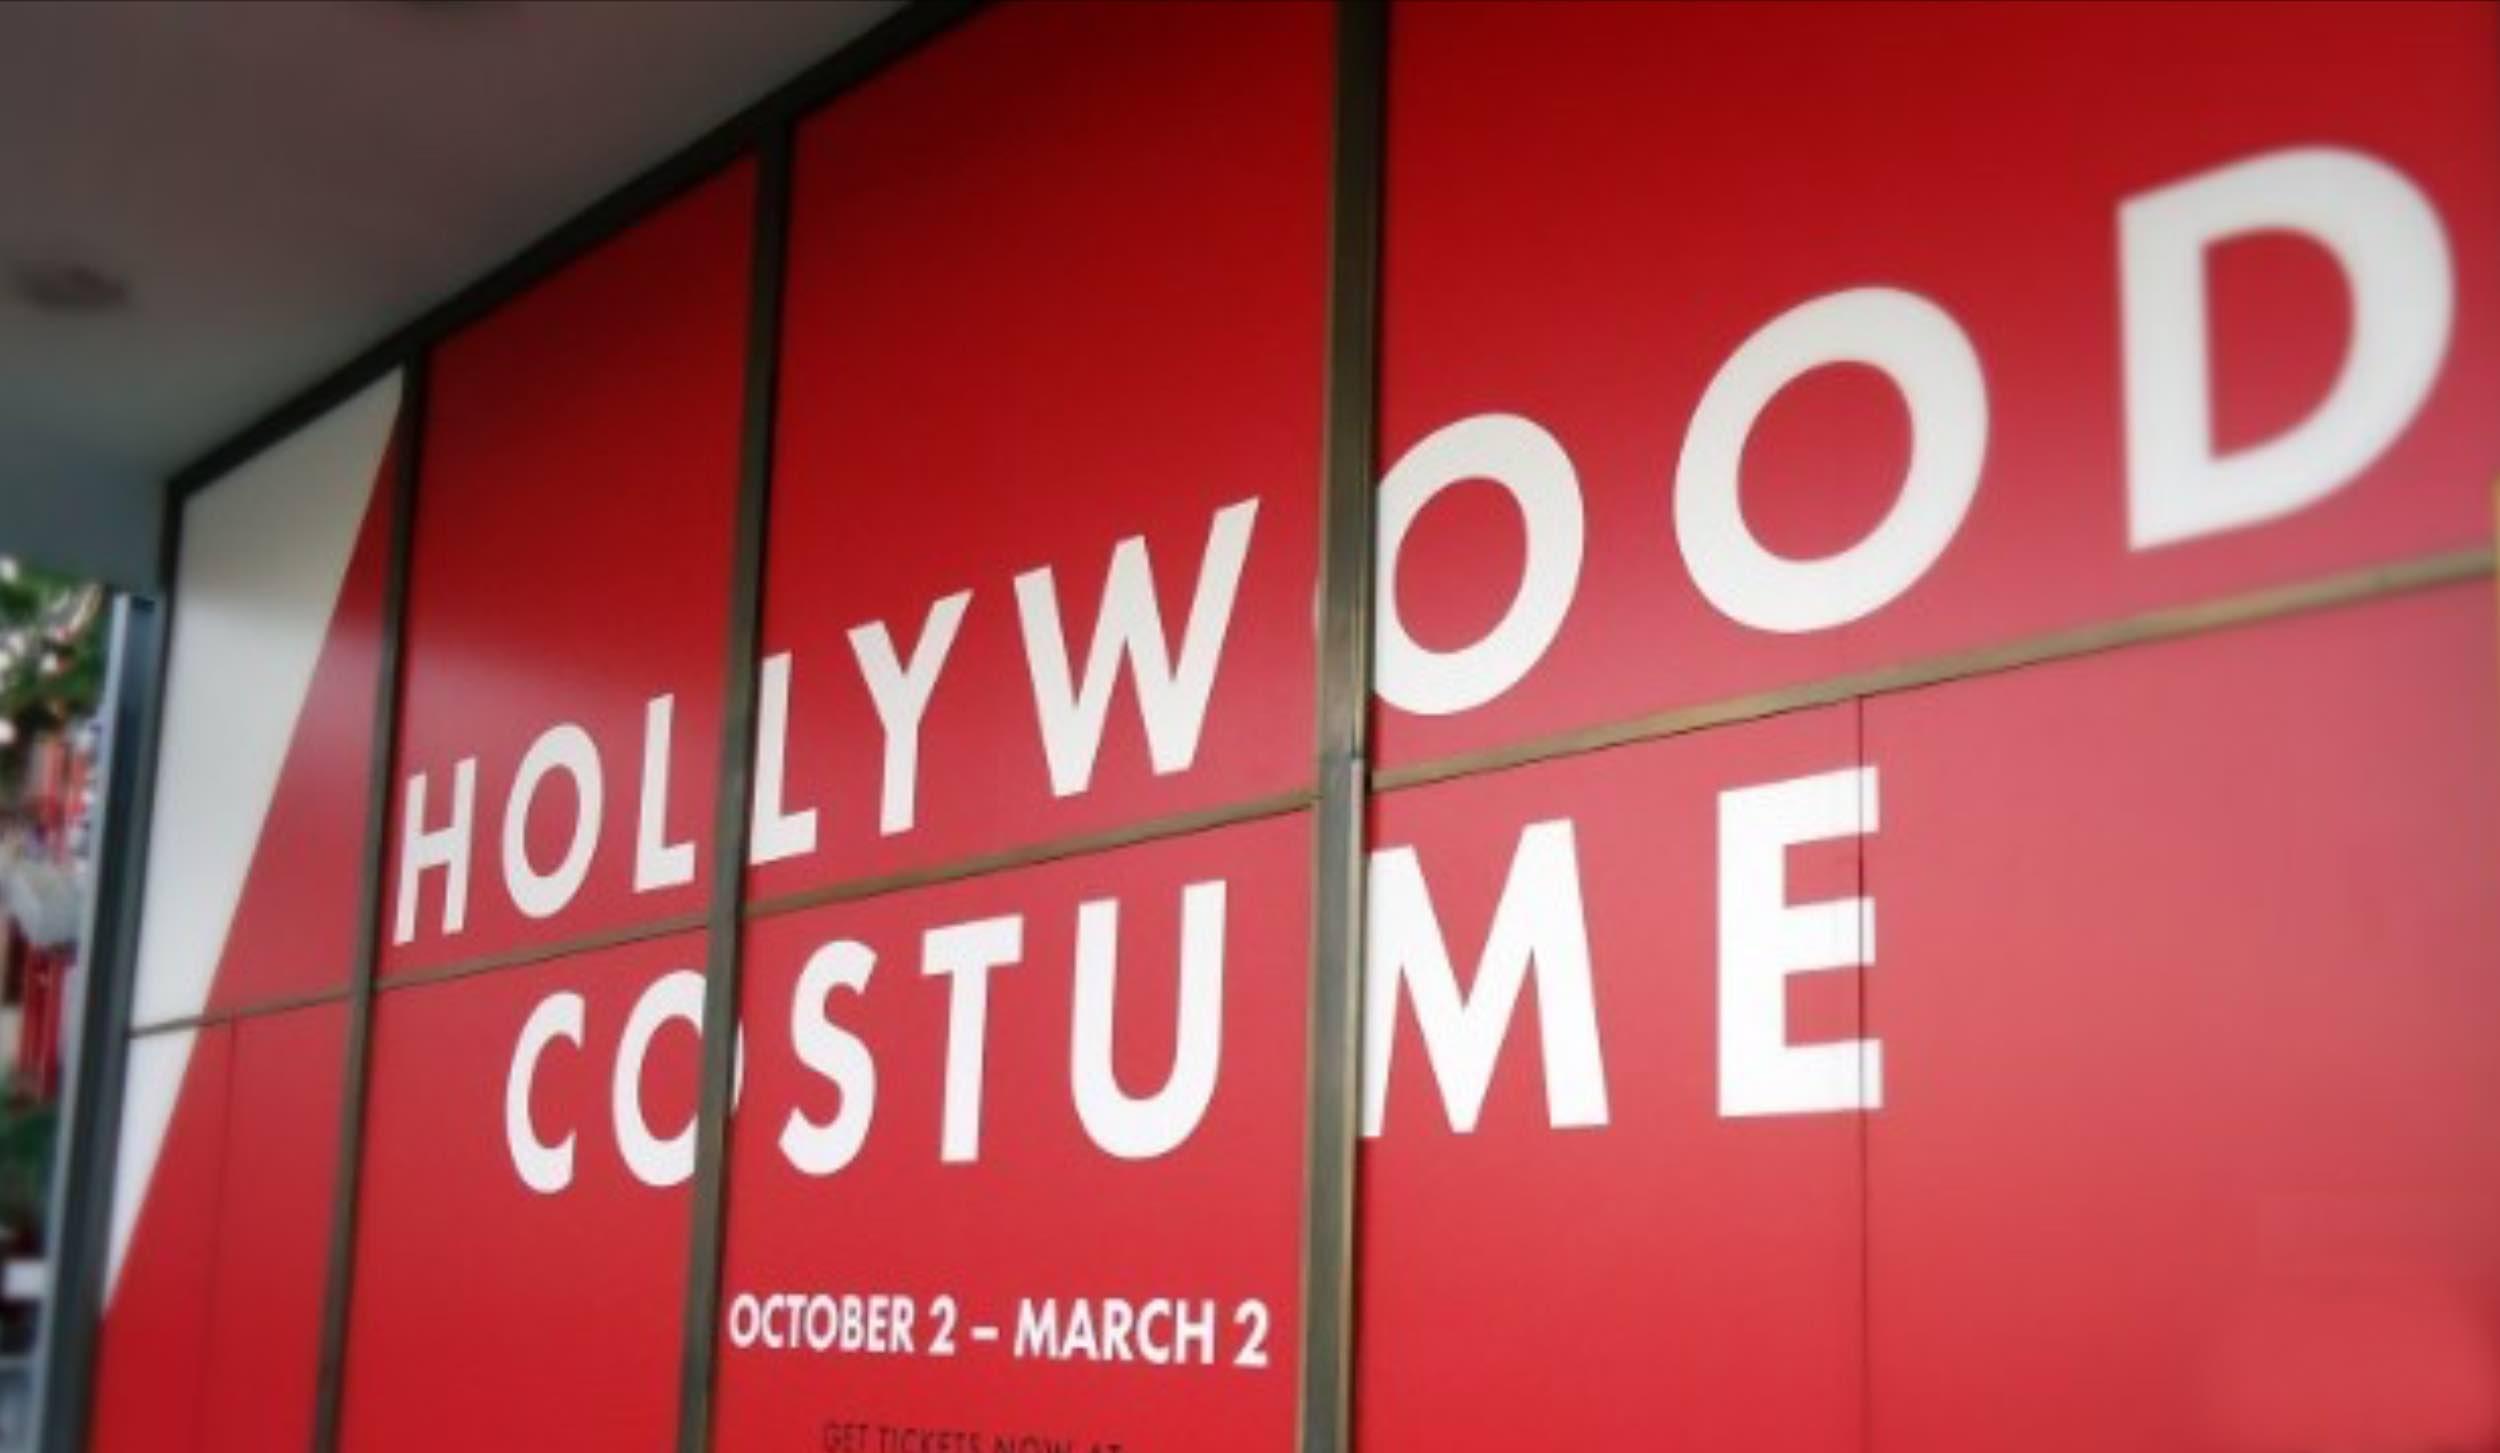 hollywood-costume-exhibit-jewelry.jpg